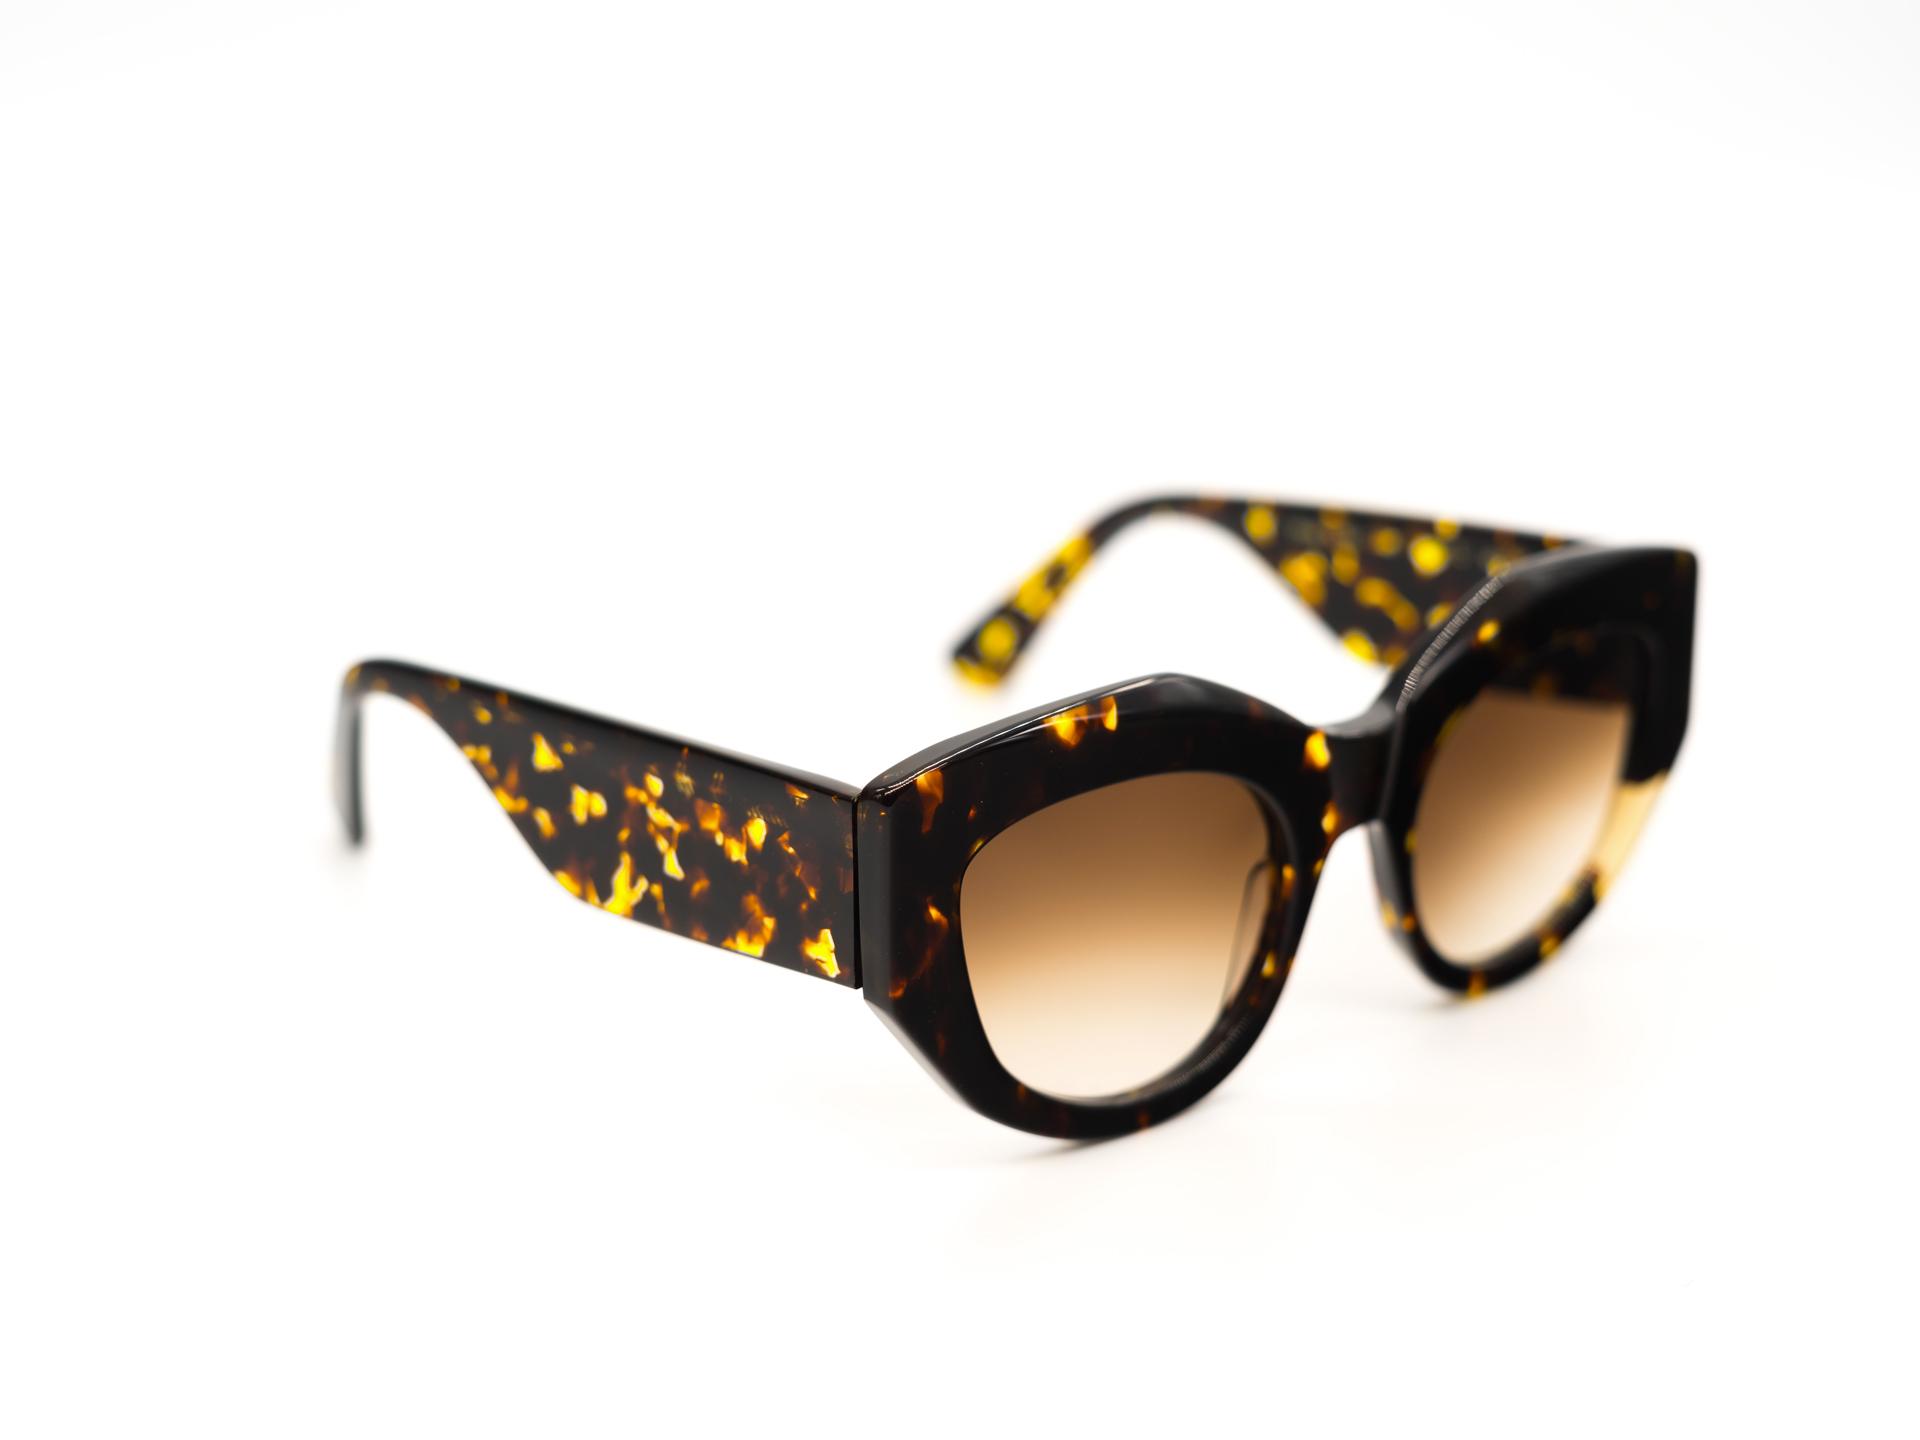 Gli occhiali che stavi cercando sono qui!